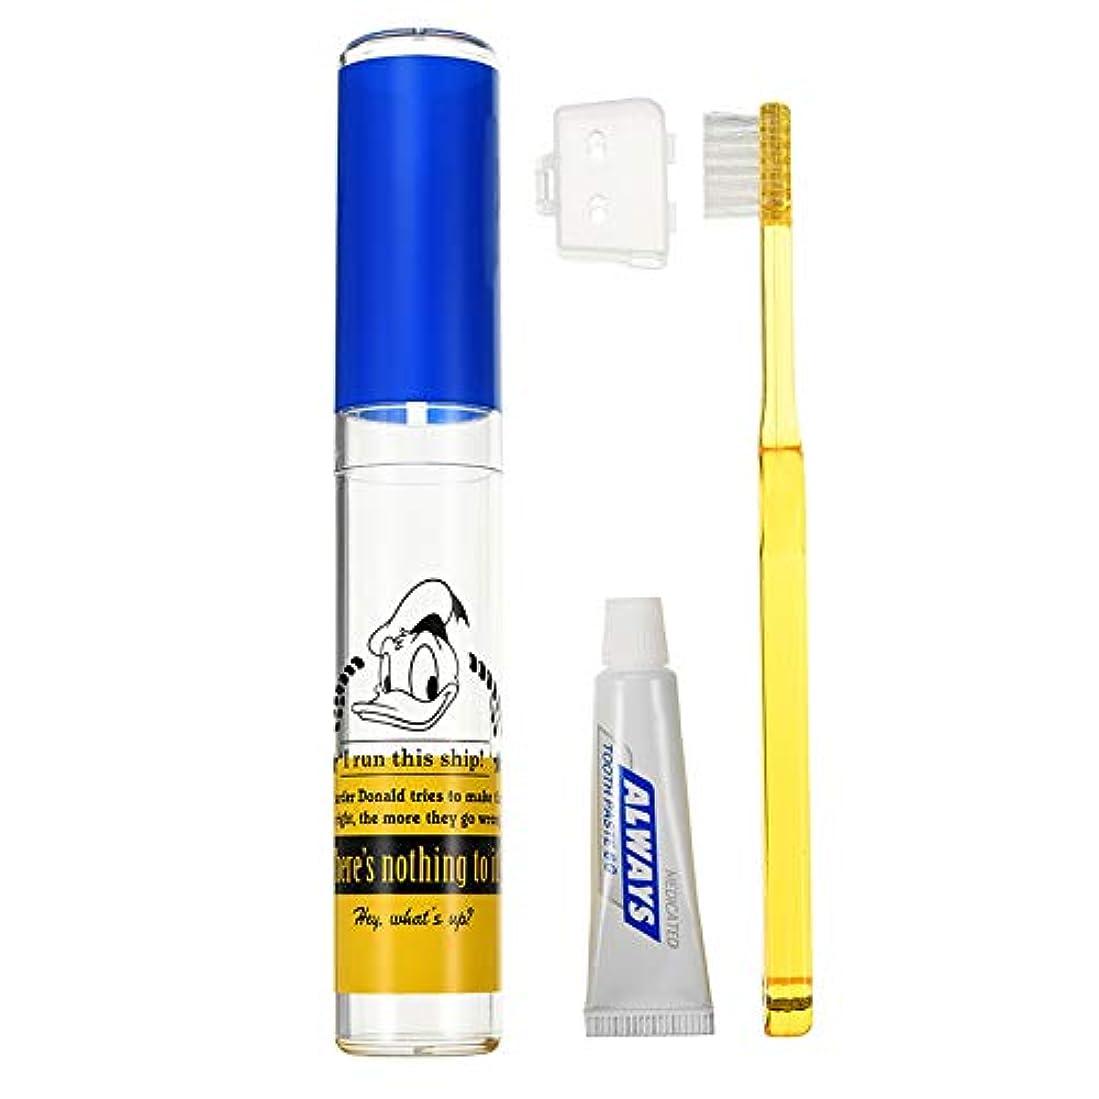 見積り要求するベルトディズニーストア(公式)歯ブラシ セット ドナルド グラン?ブルー